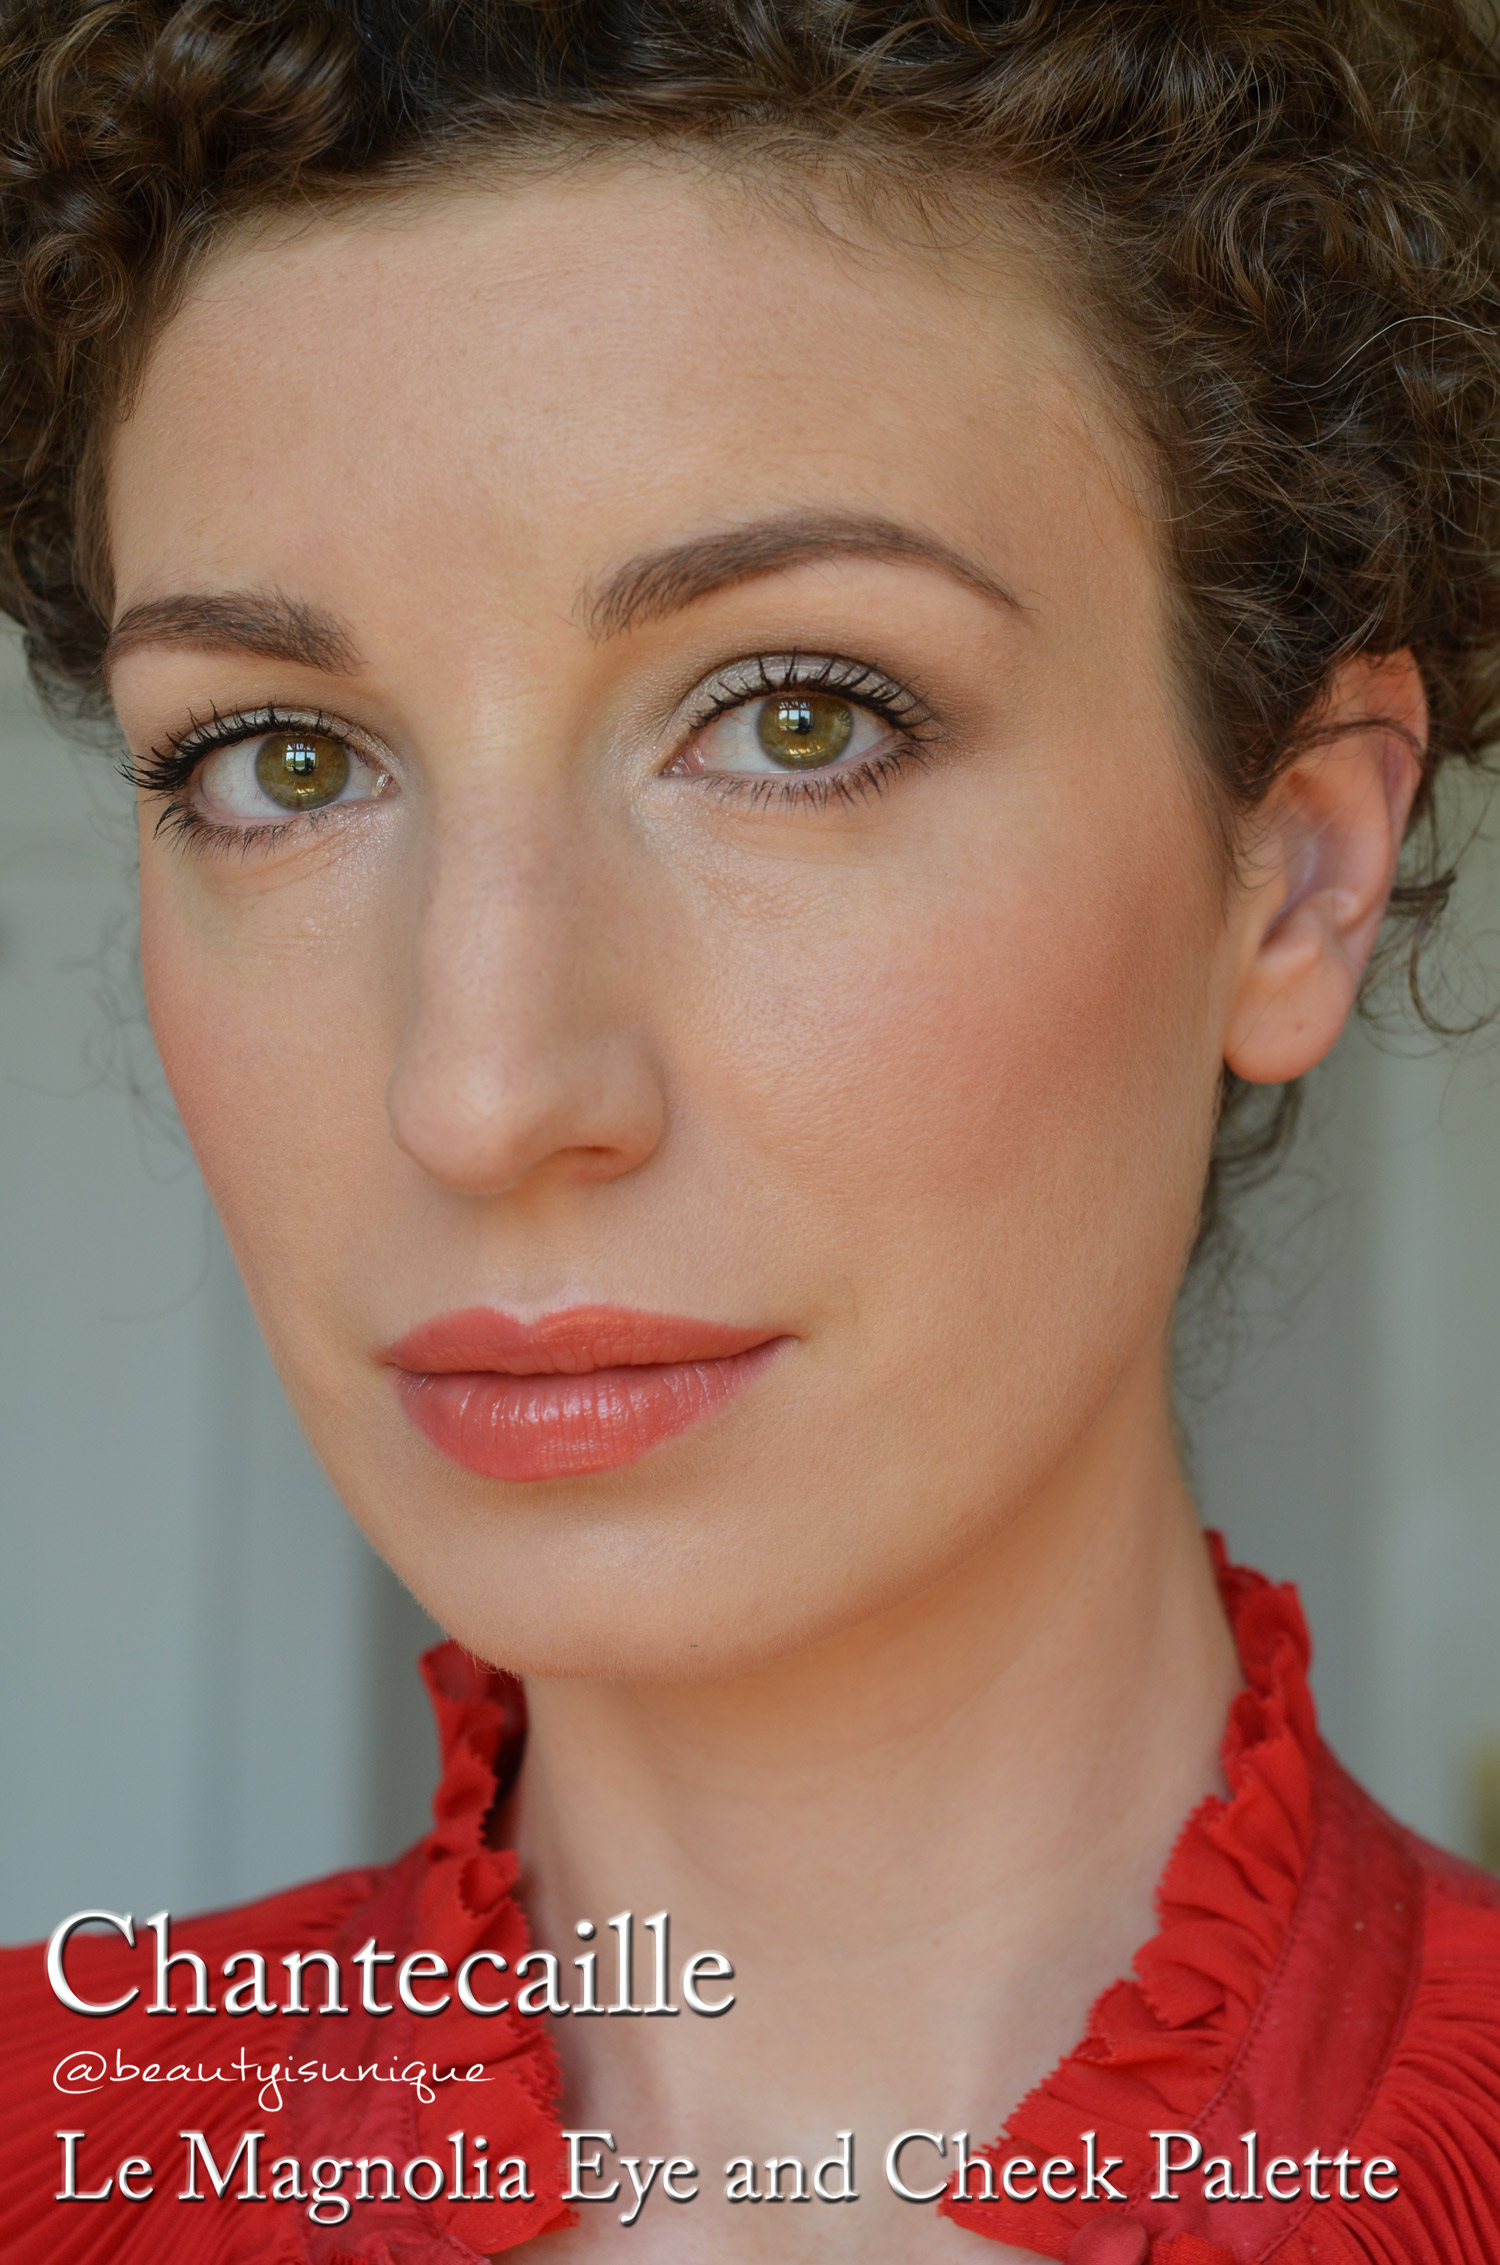 Chantecaille-Le-Magnolia-Palette-makeup